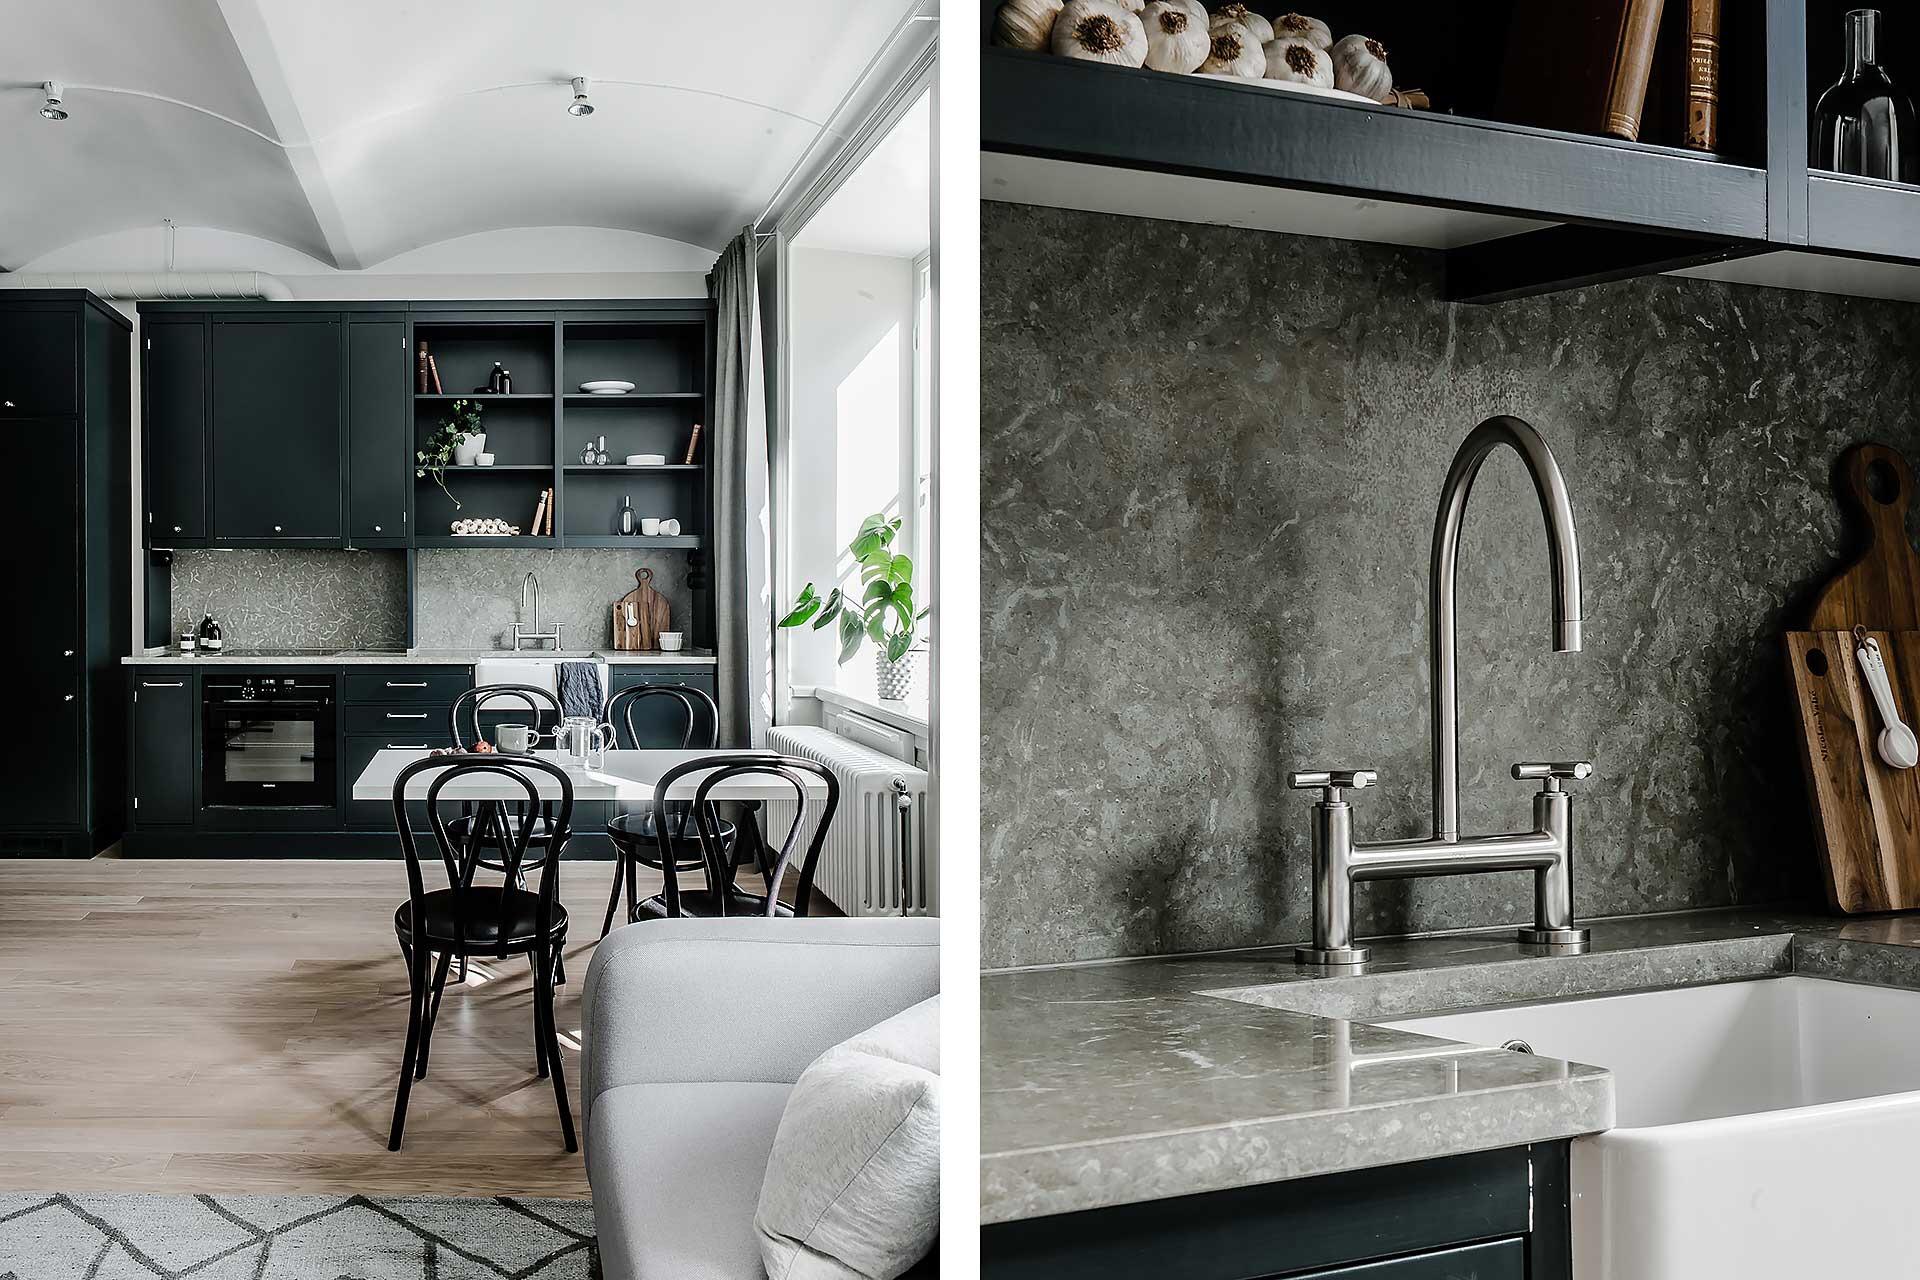 кухонная мебель темные фасады столешница мойка смеситель фартук обеденный стол стулья